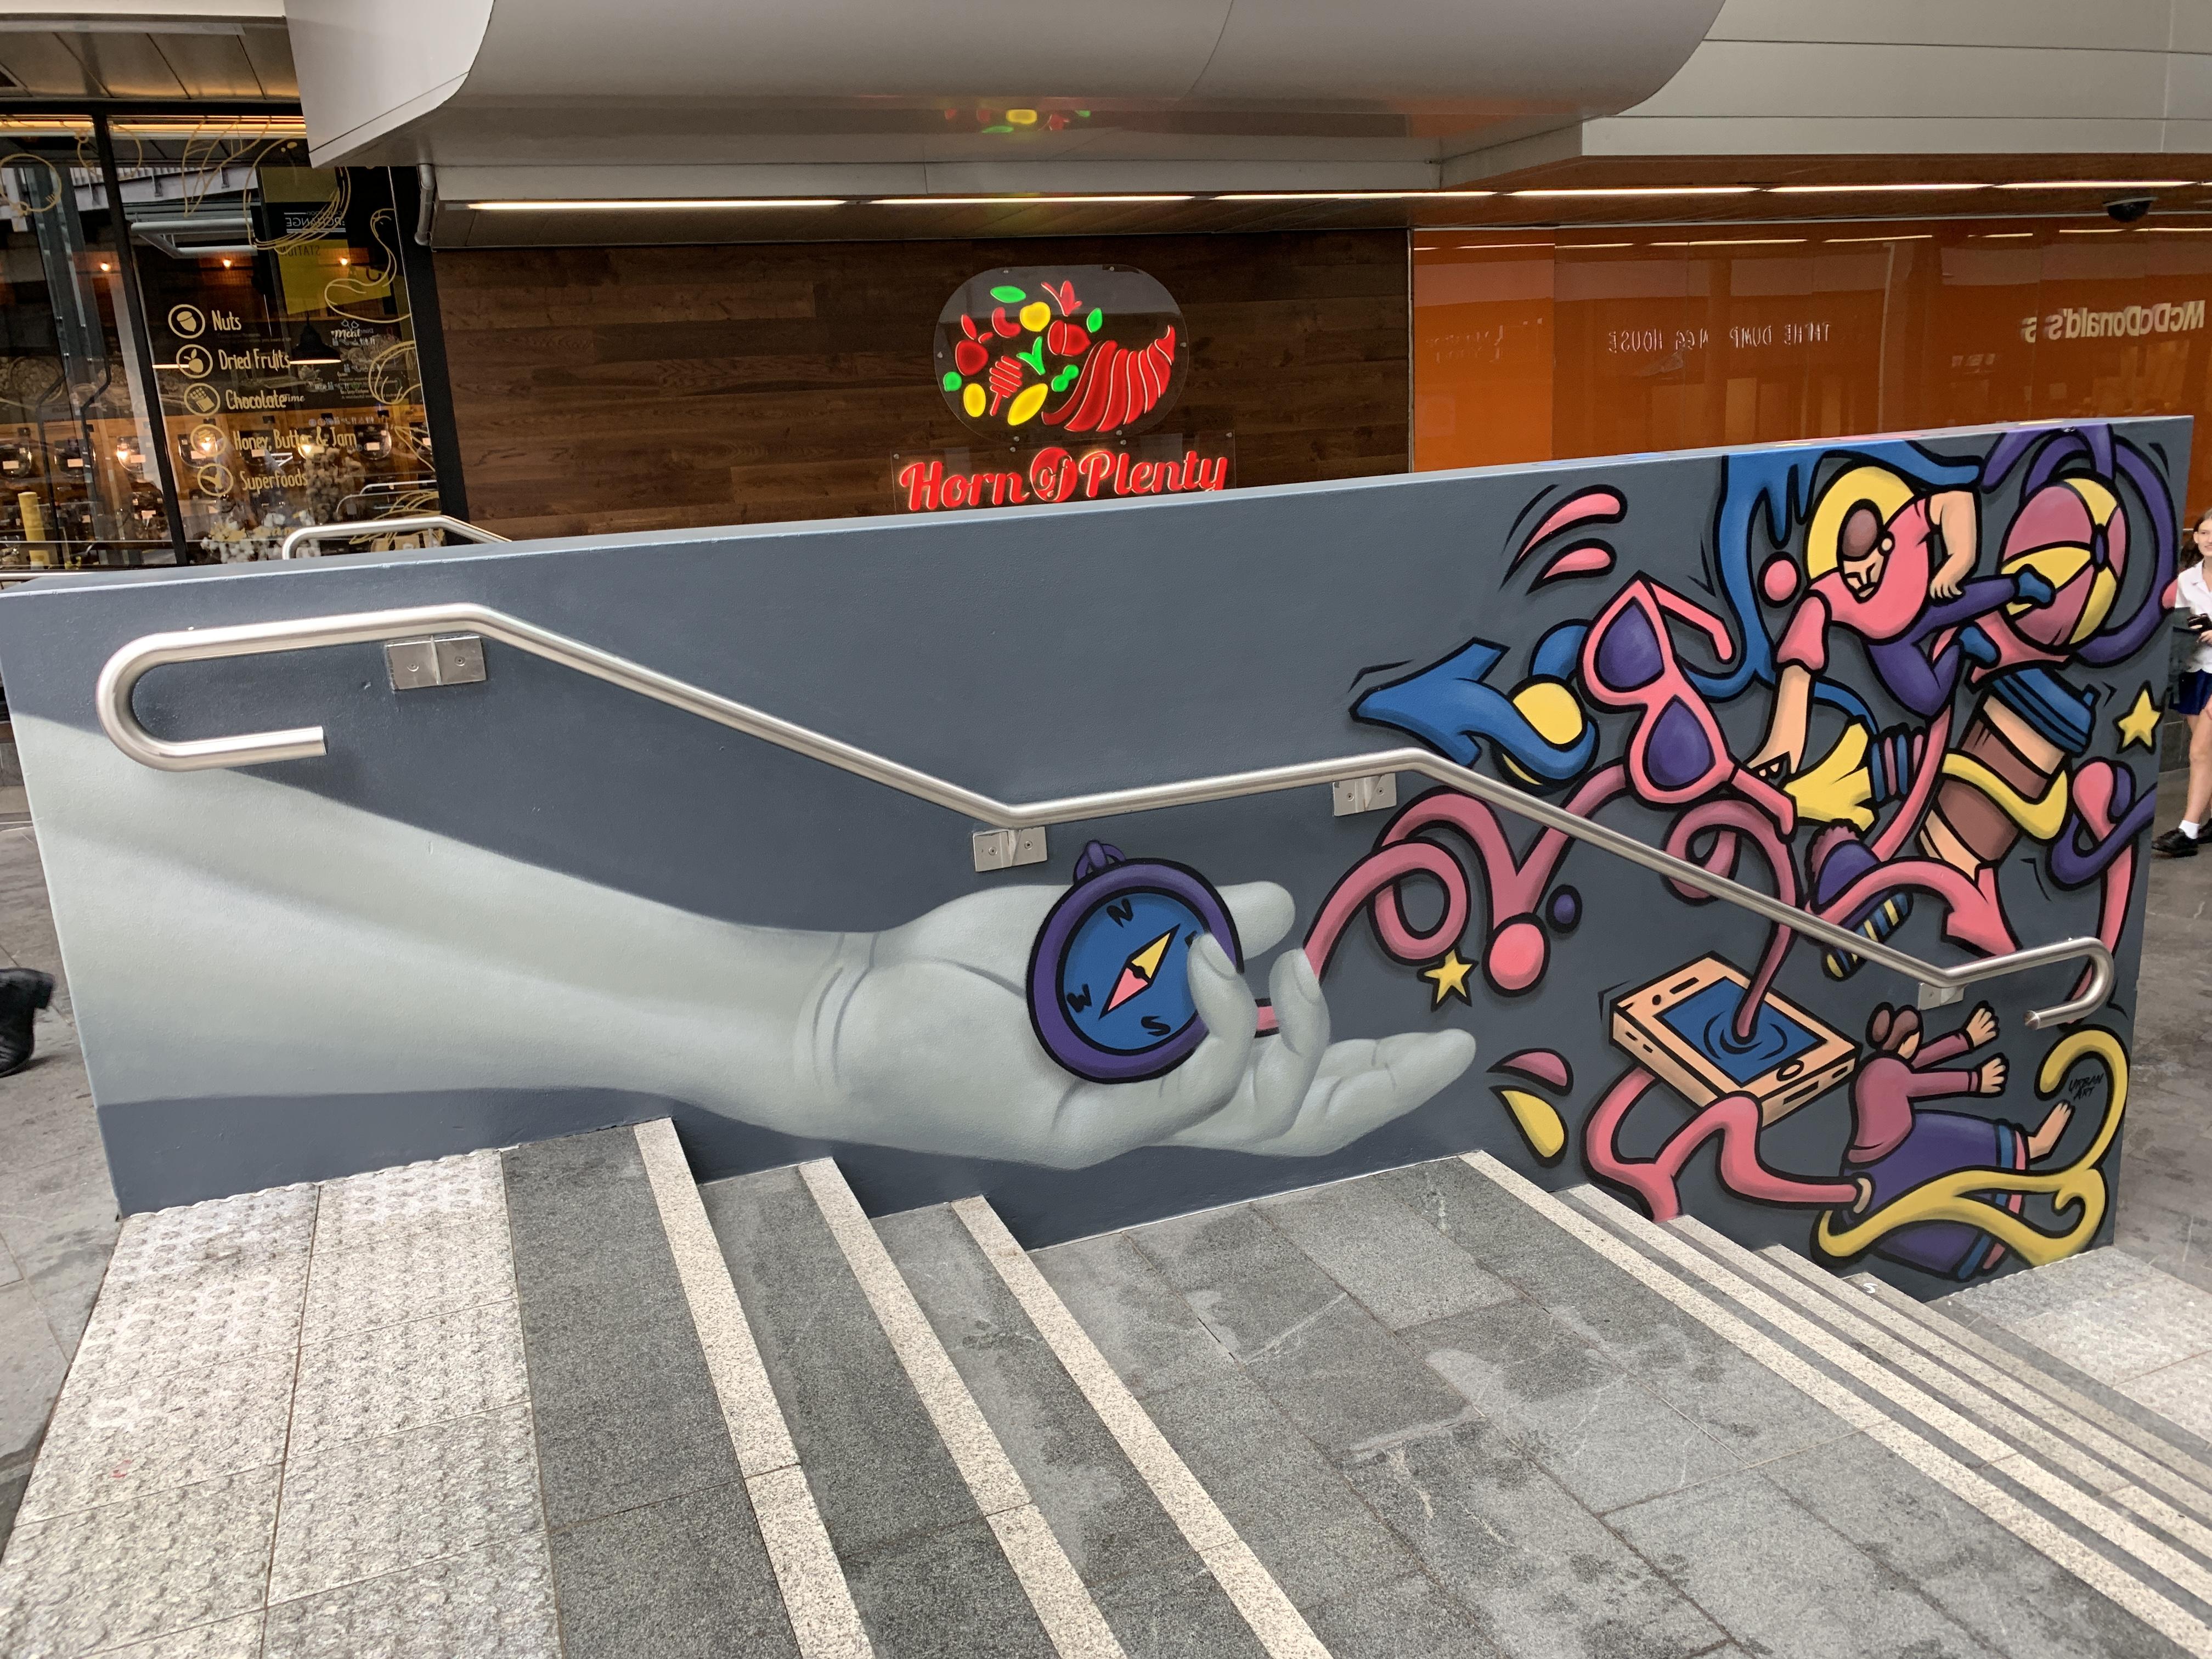 Modern street art mural by Urban Art